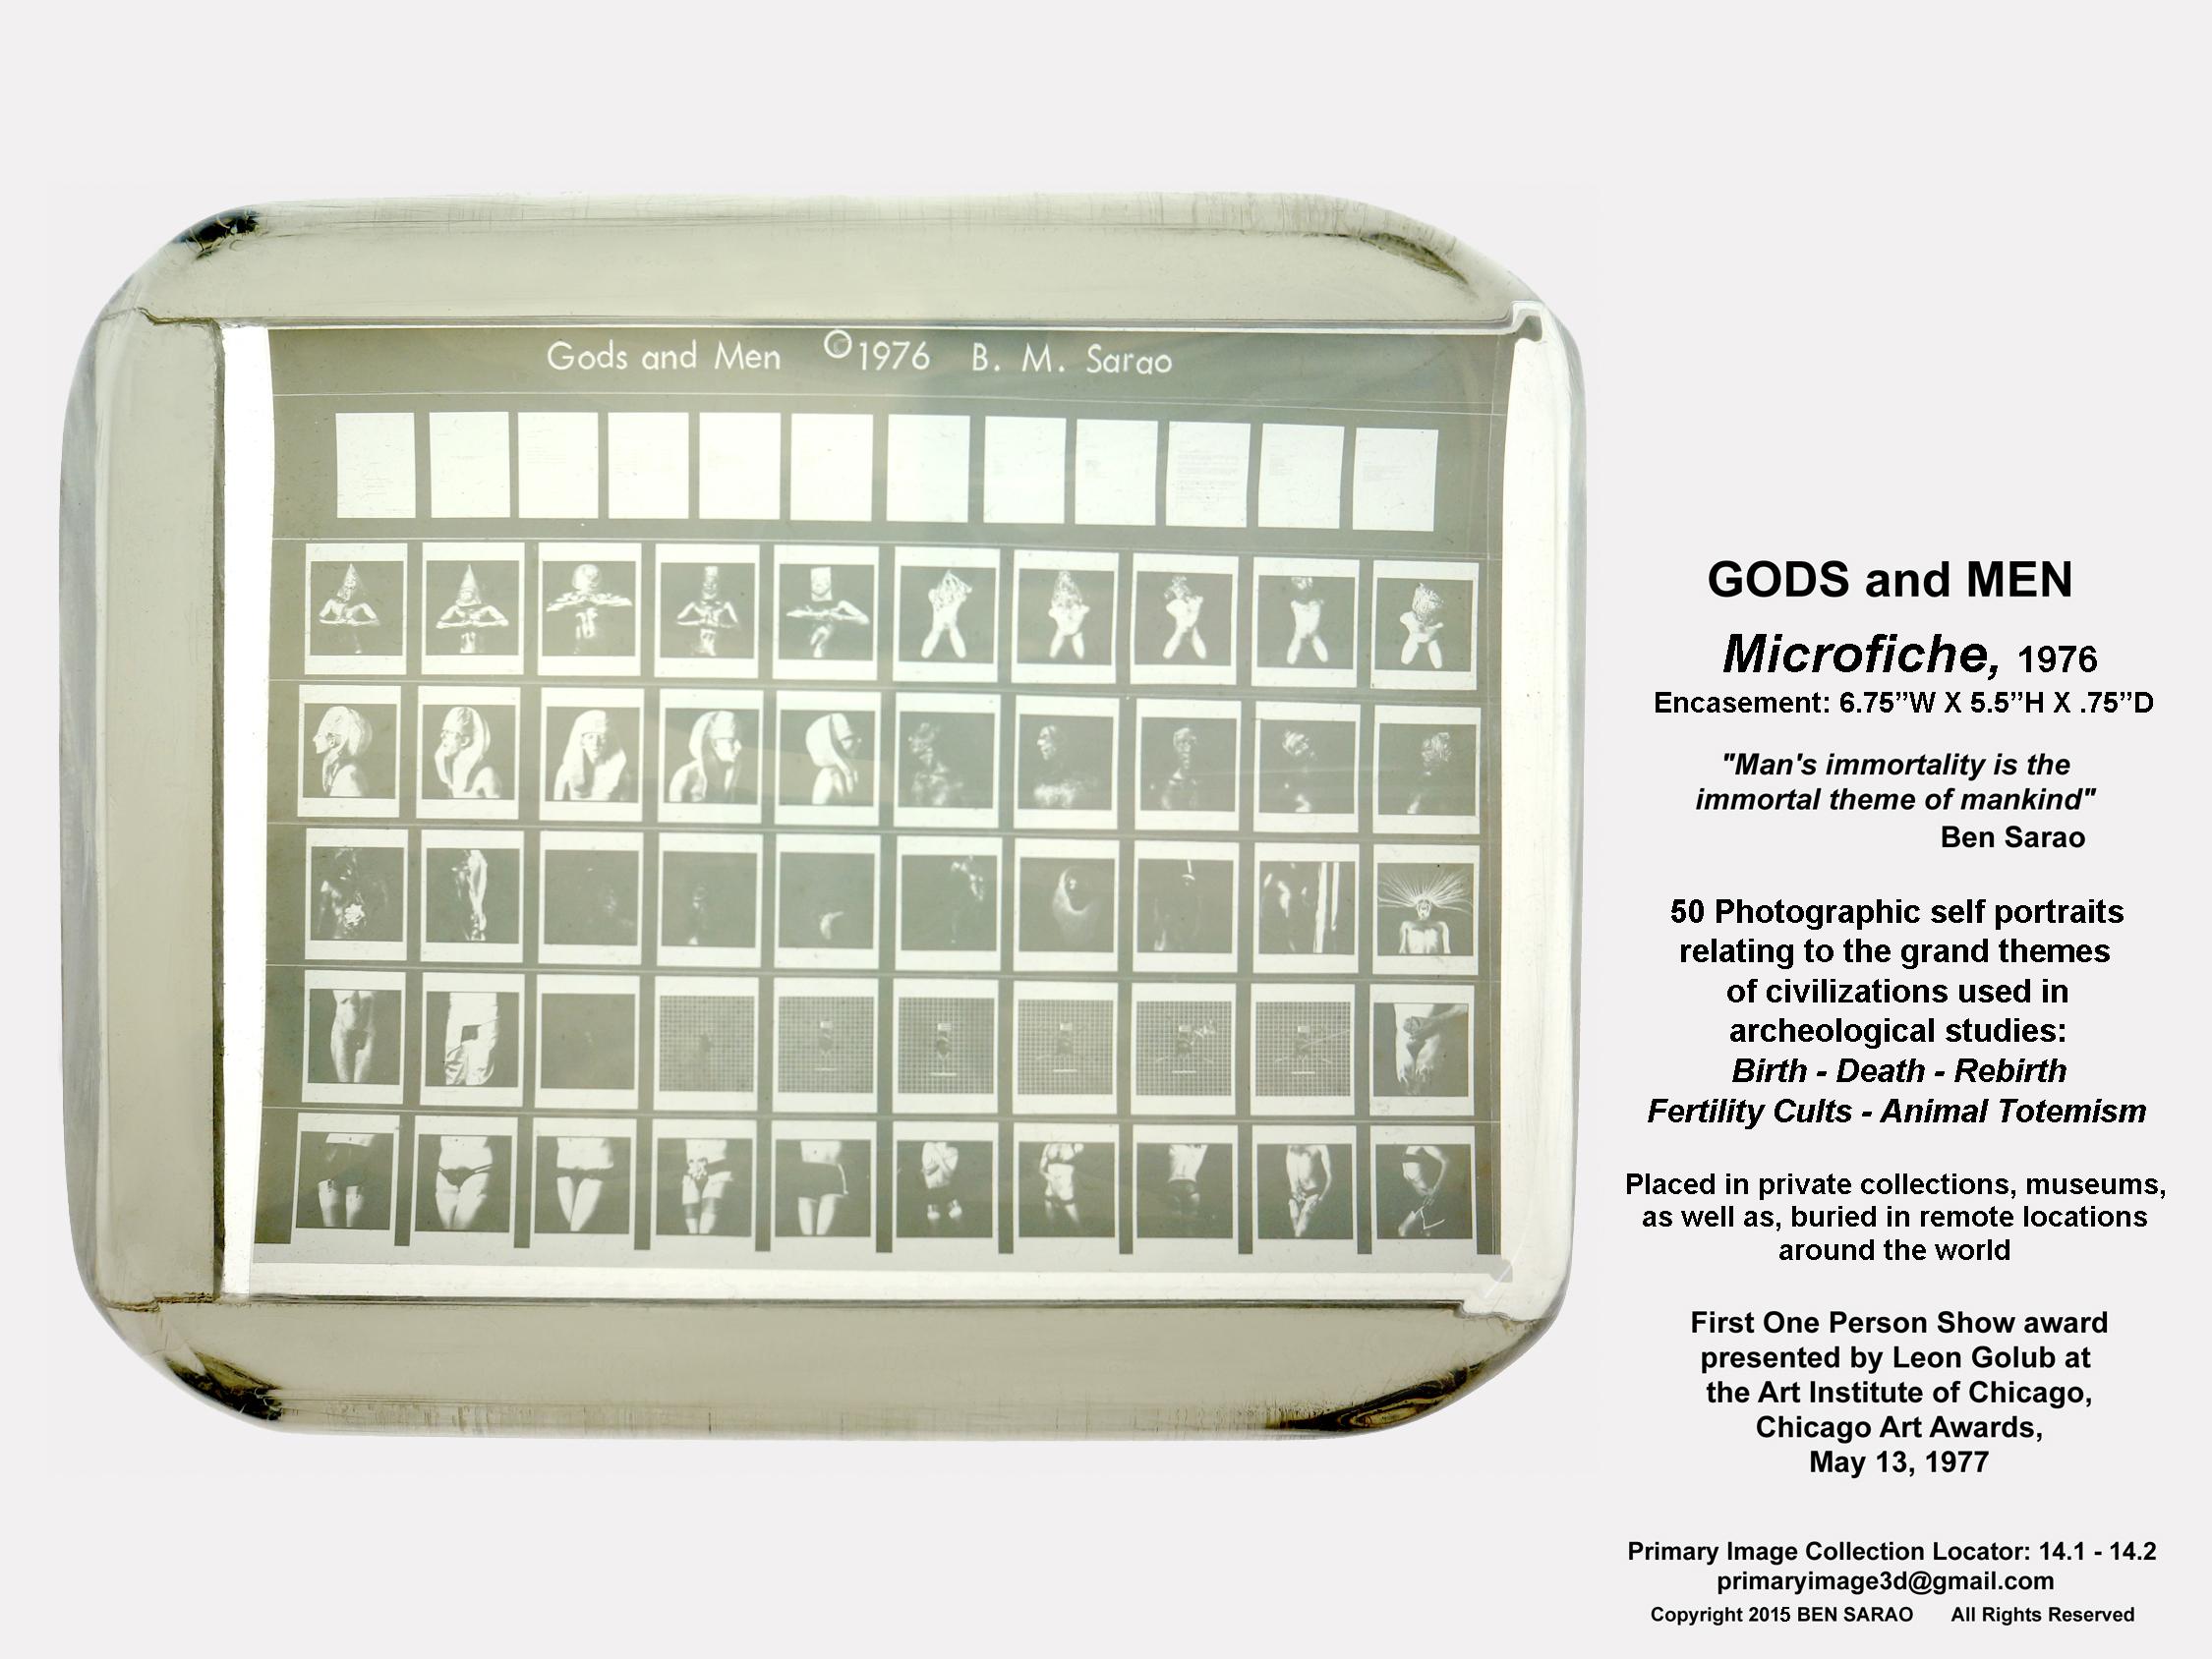 41.III. Gods and Men Microfiche 1976.jpg